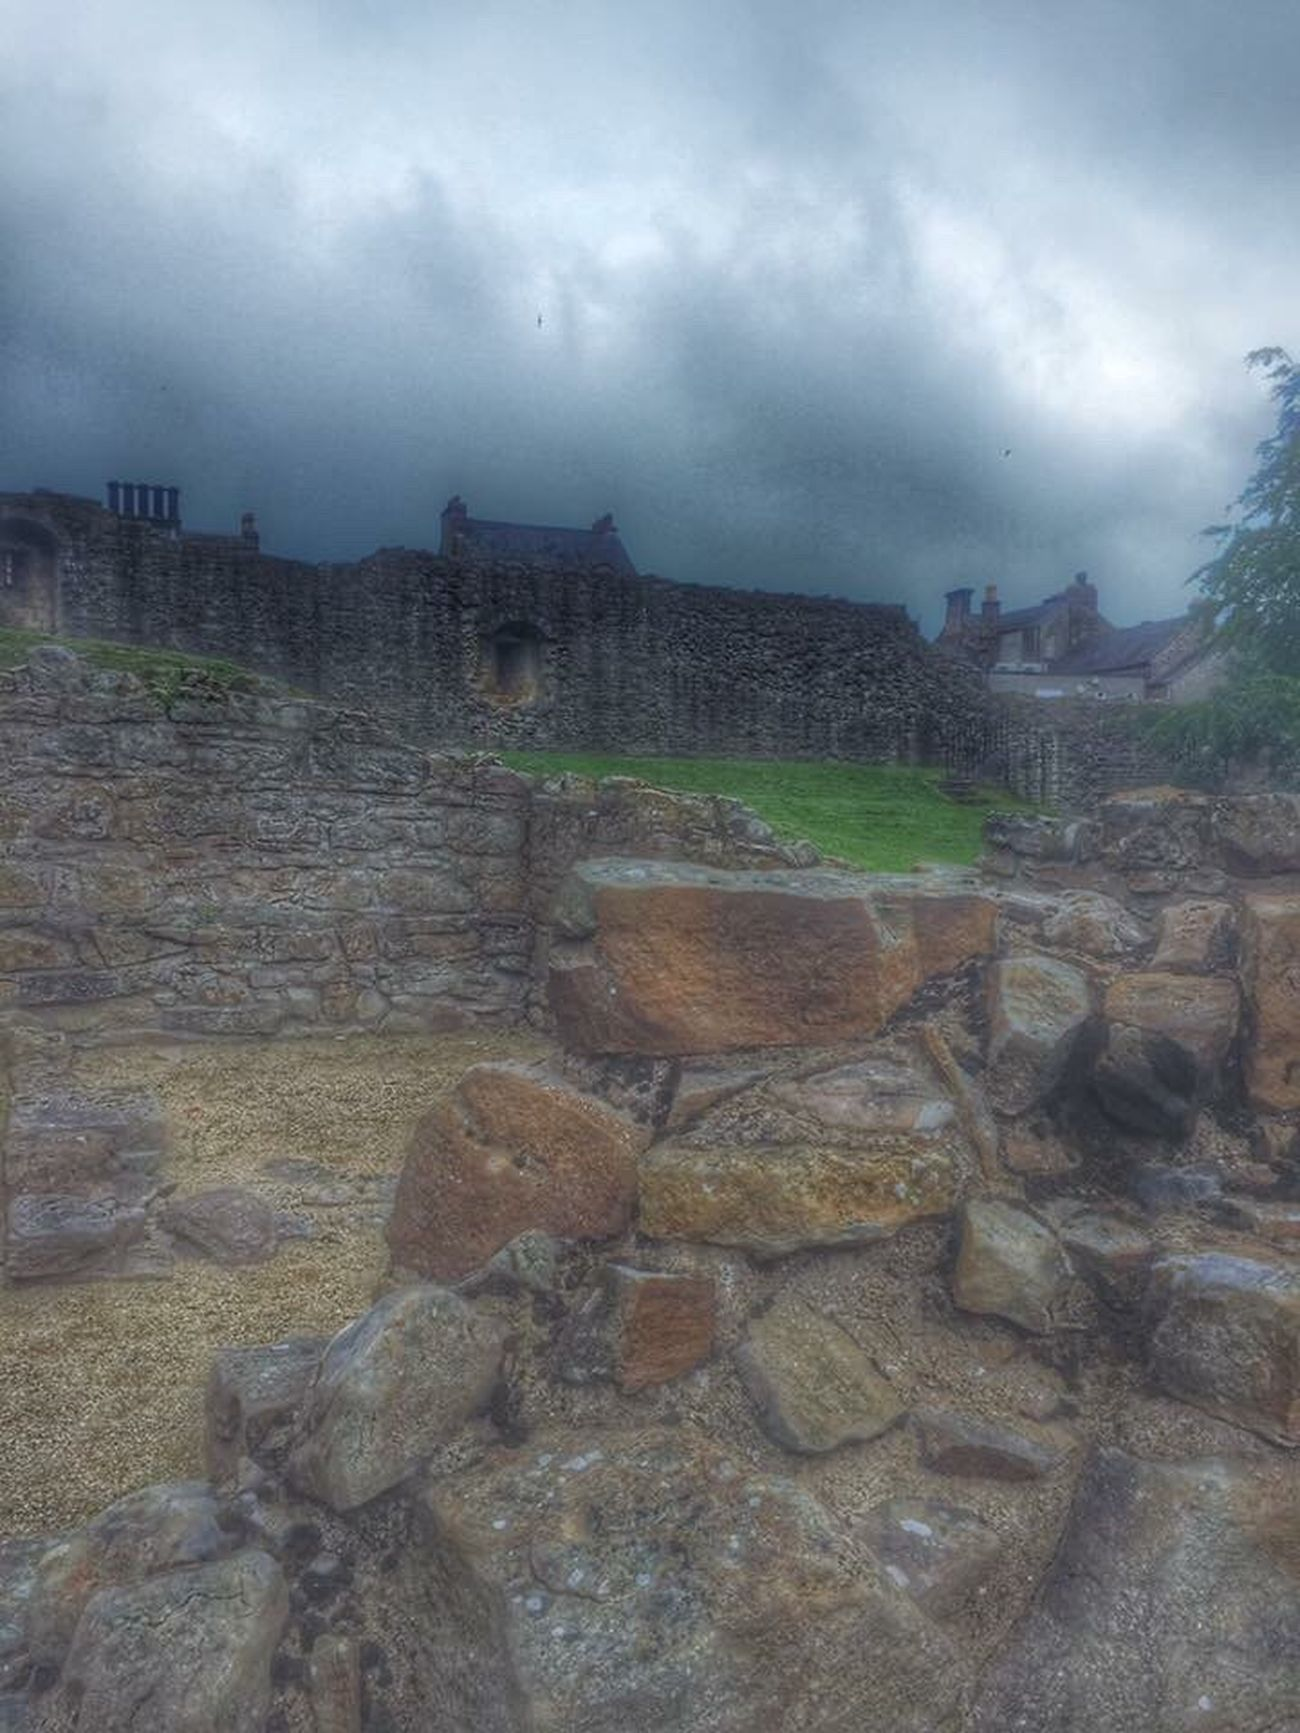 Castle Castle Ruin Hidden Landscapes Lost Landscapes Castle Landscapes Ruins Ruins Of A Castle Ruins Architecture